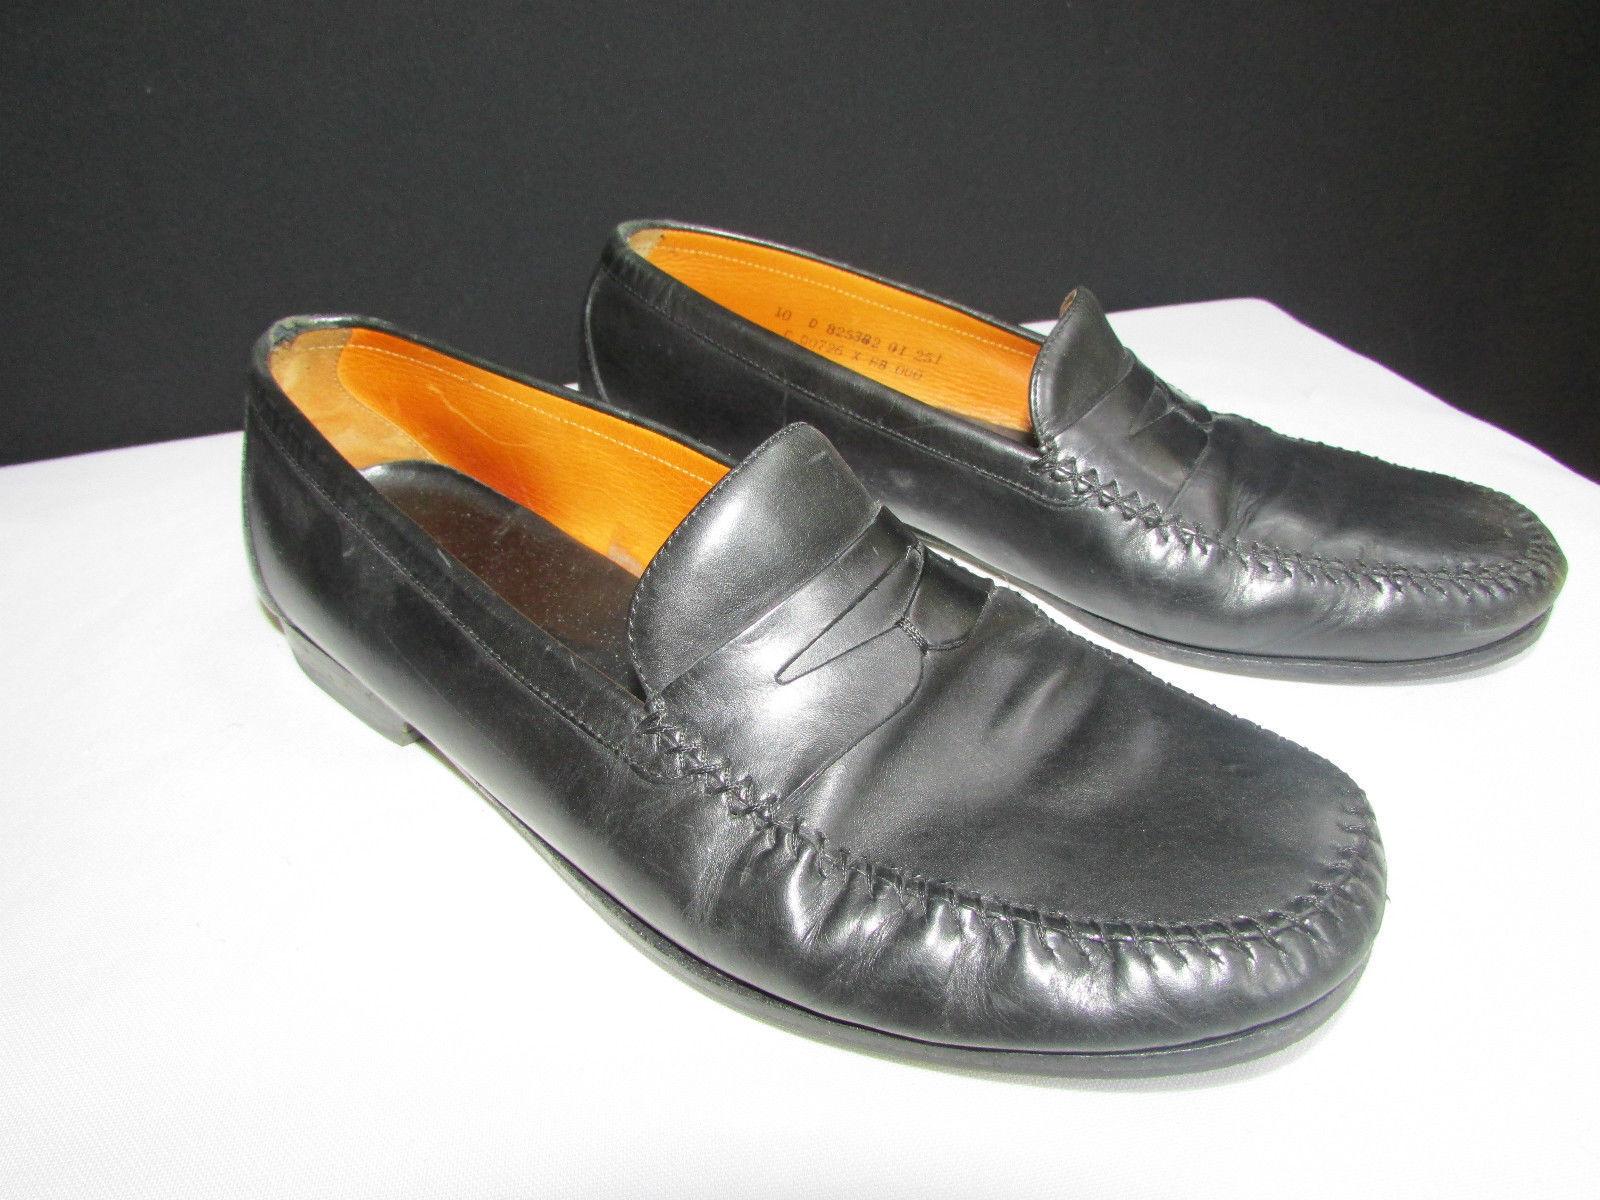 Prada Sneaker Gr 39 Neu In Vielen Stilen Kleidung & Accessoires Damenschuhe